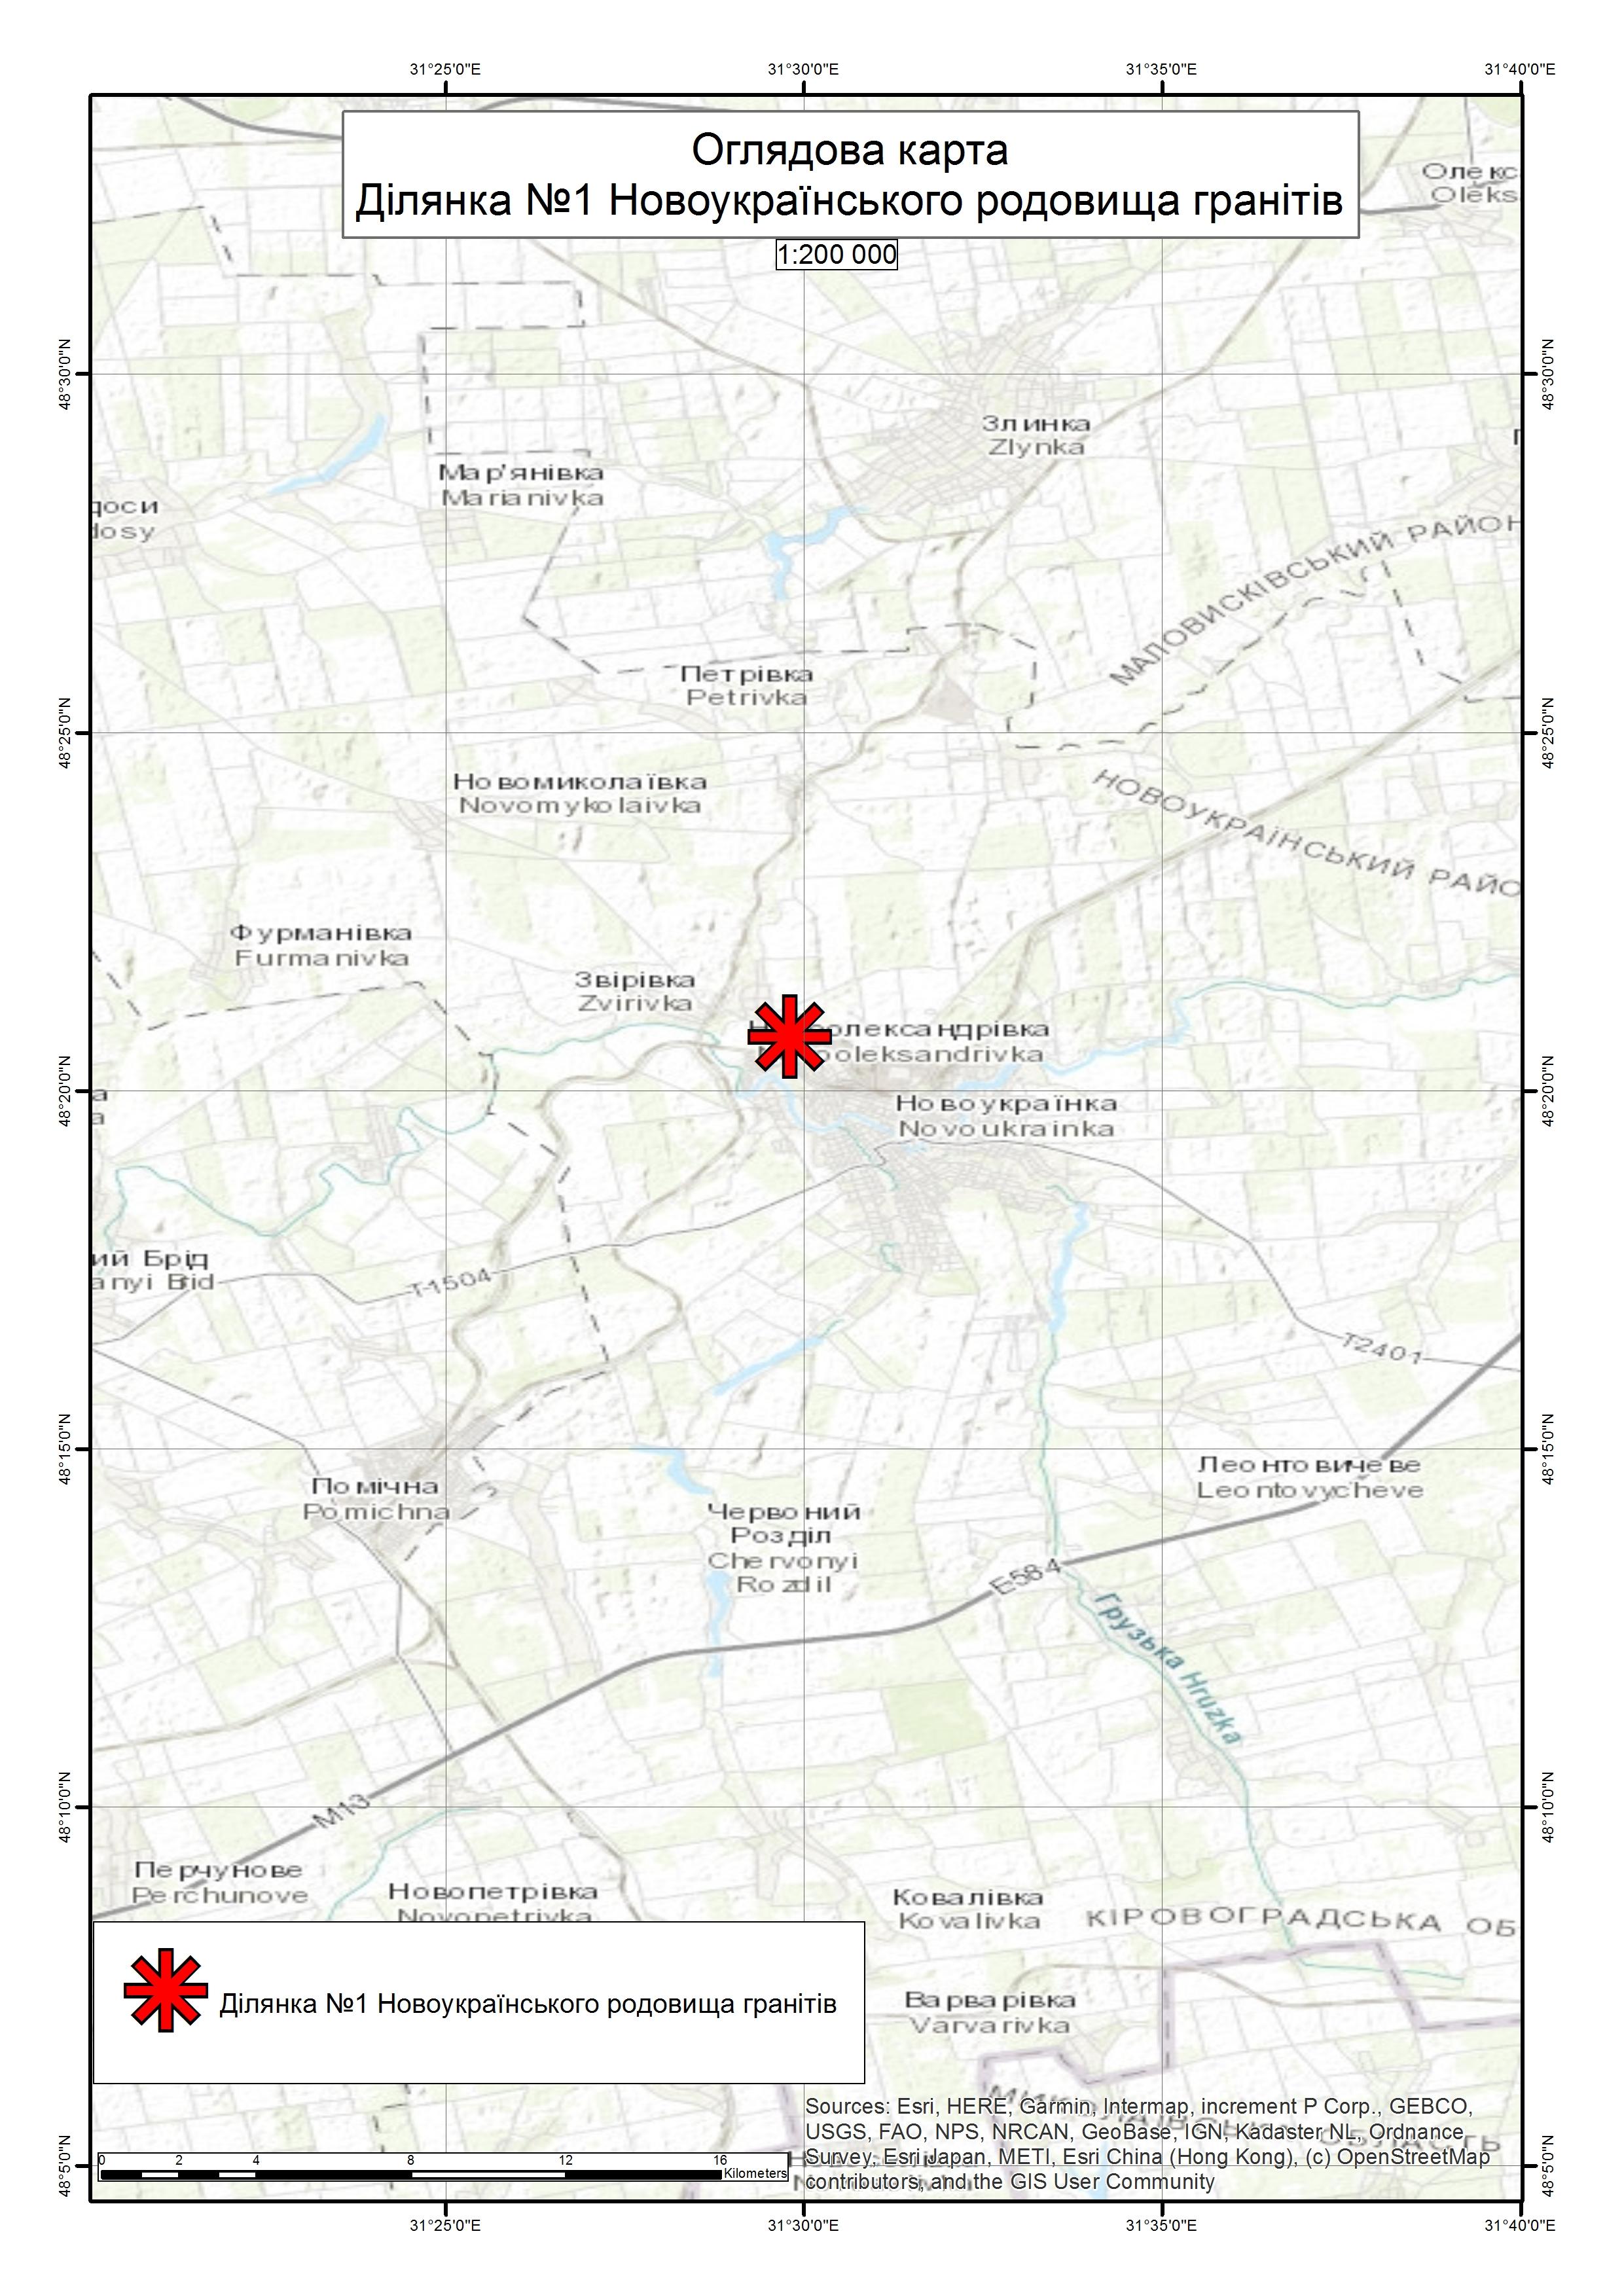 Спеціальний дозвіл на користування надрами – Ділянка № 1 Новоукраїнського родовища. Вартість геологічної інформації – 1 148 089,34 грн (з ПДВ). Вартість пакету аукціонної документації – 72 550 грн (з ПДВ).